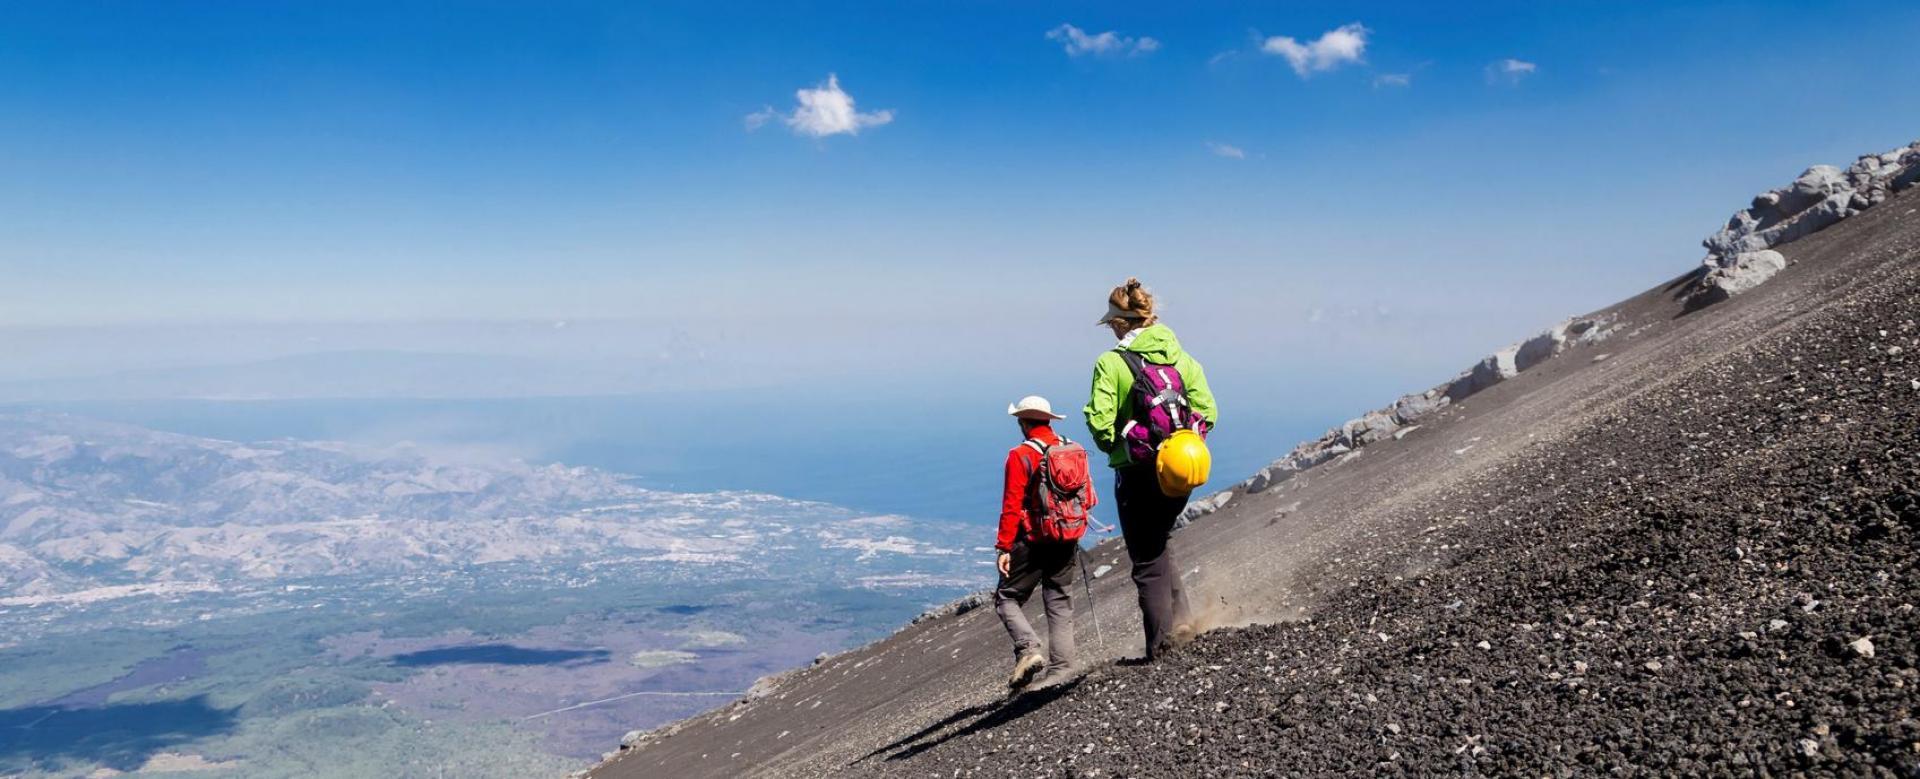 Voyage à pied Italie : Iles et volcans de l'italie du sud